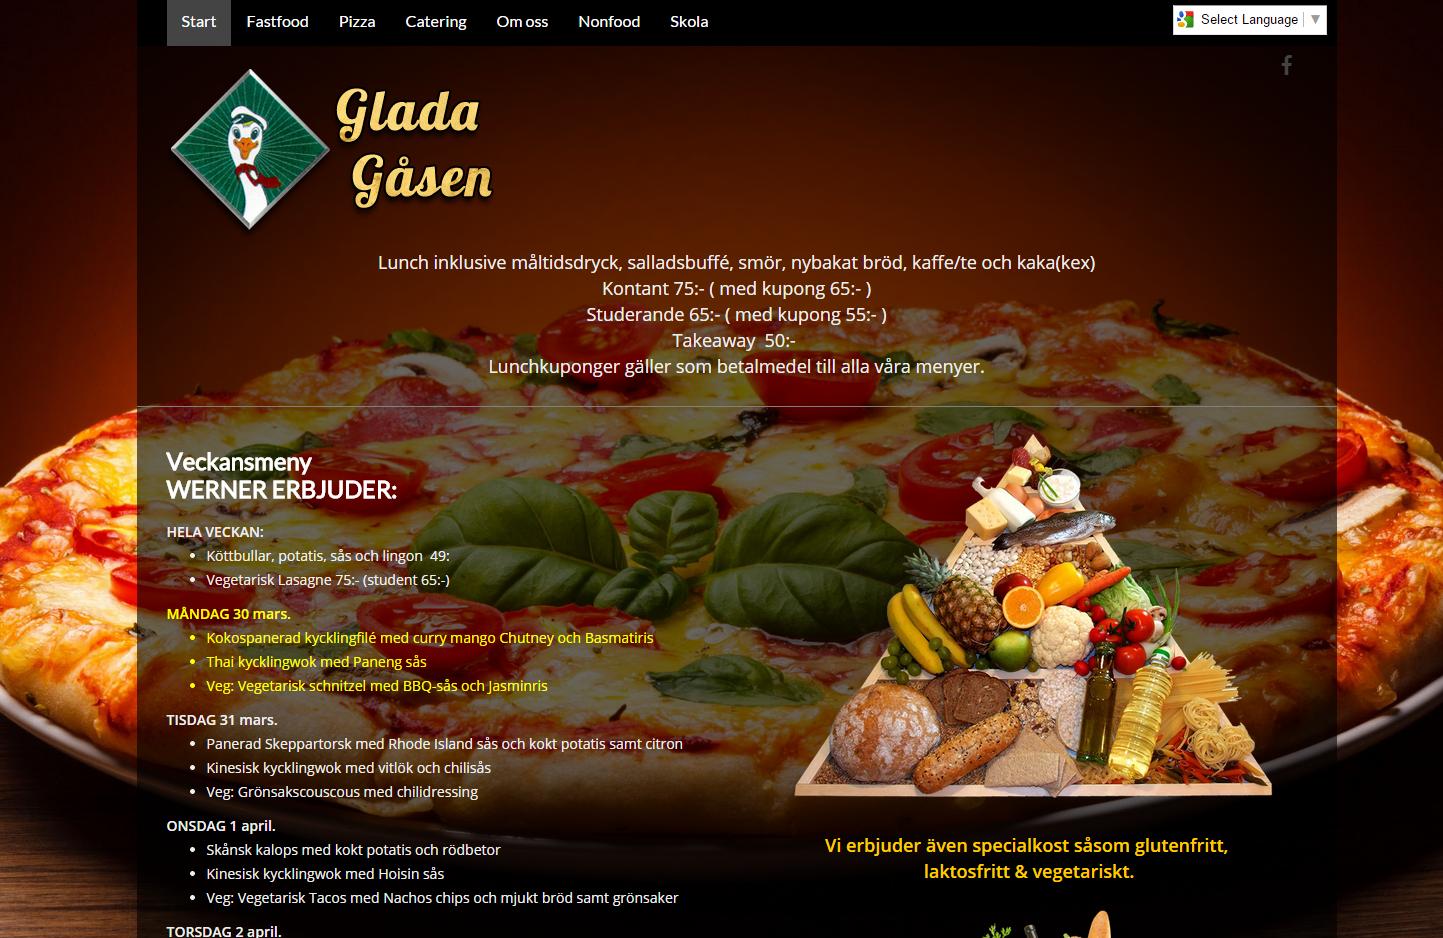 Gladagasen website